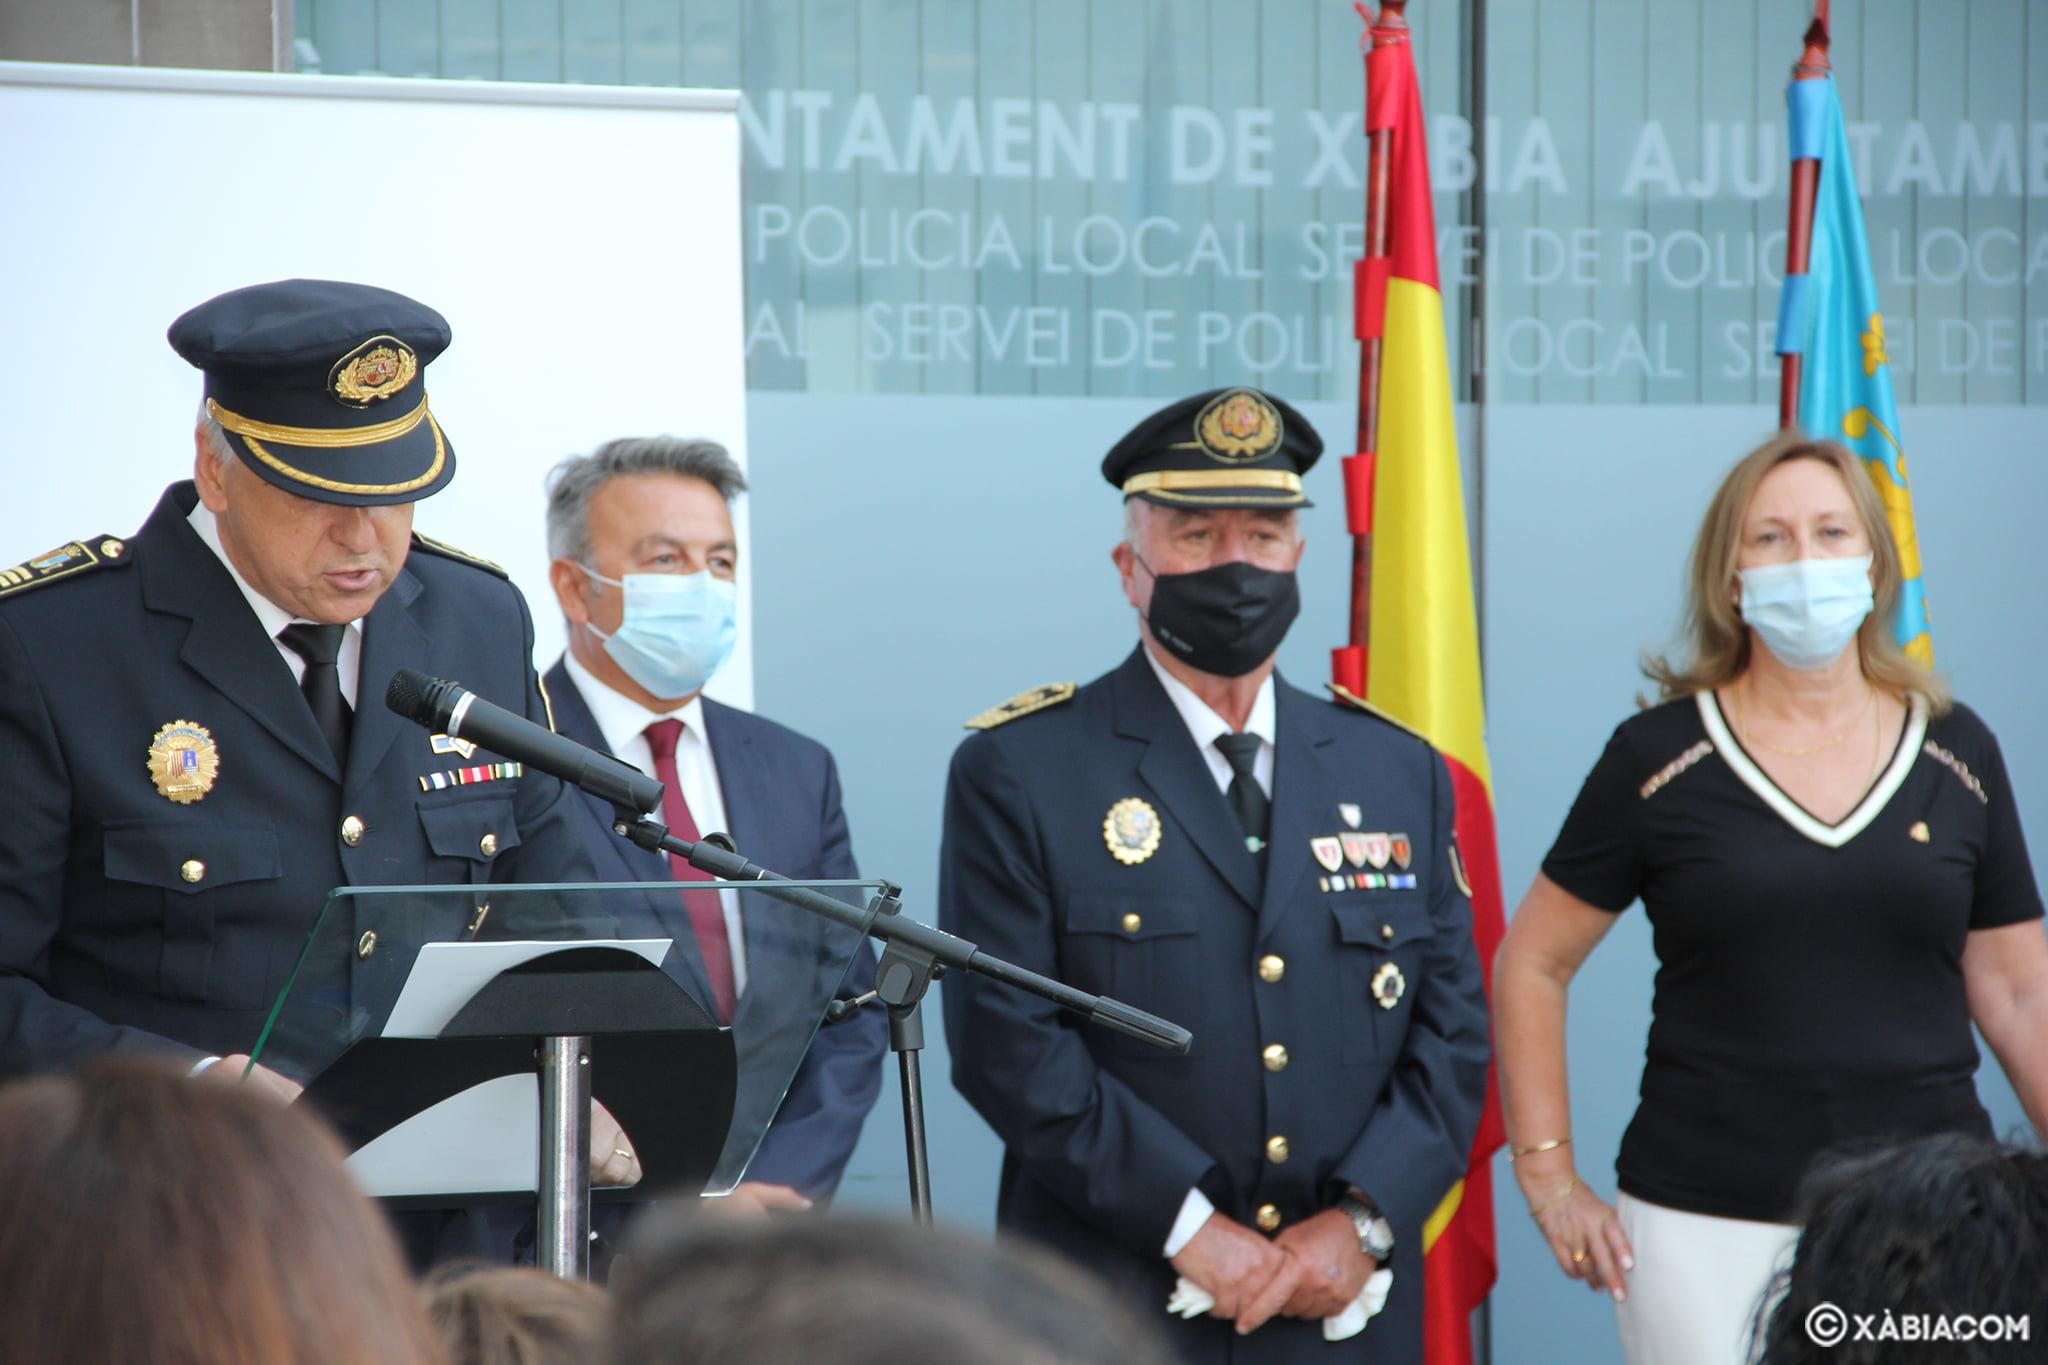 Jubilación del agente Cristóbal Buigues